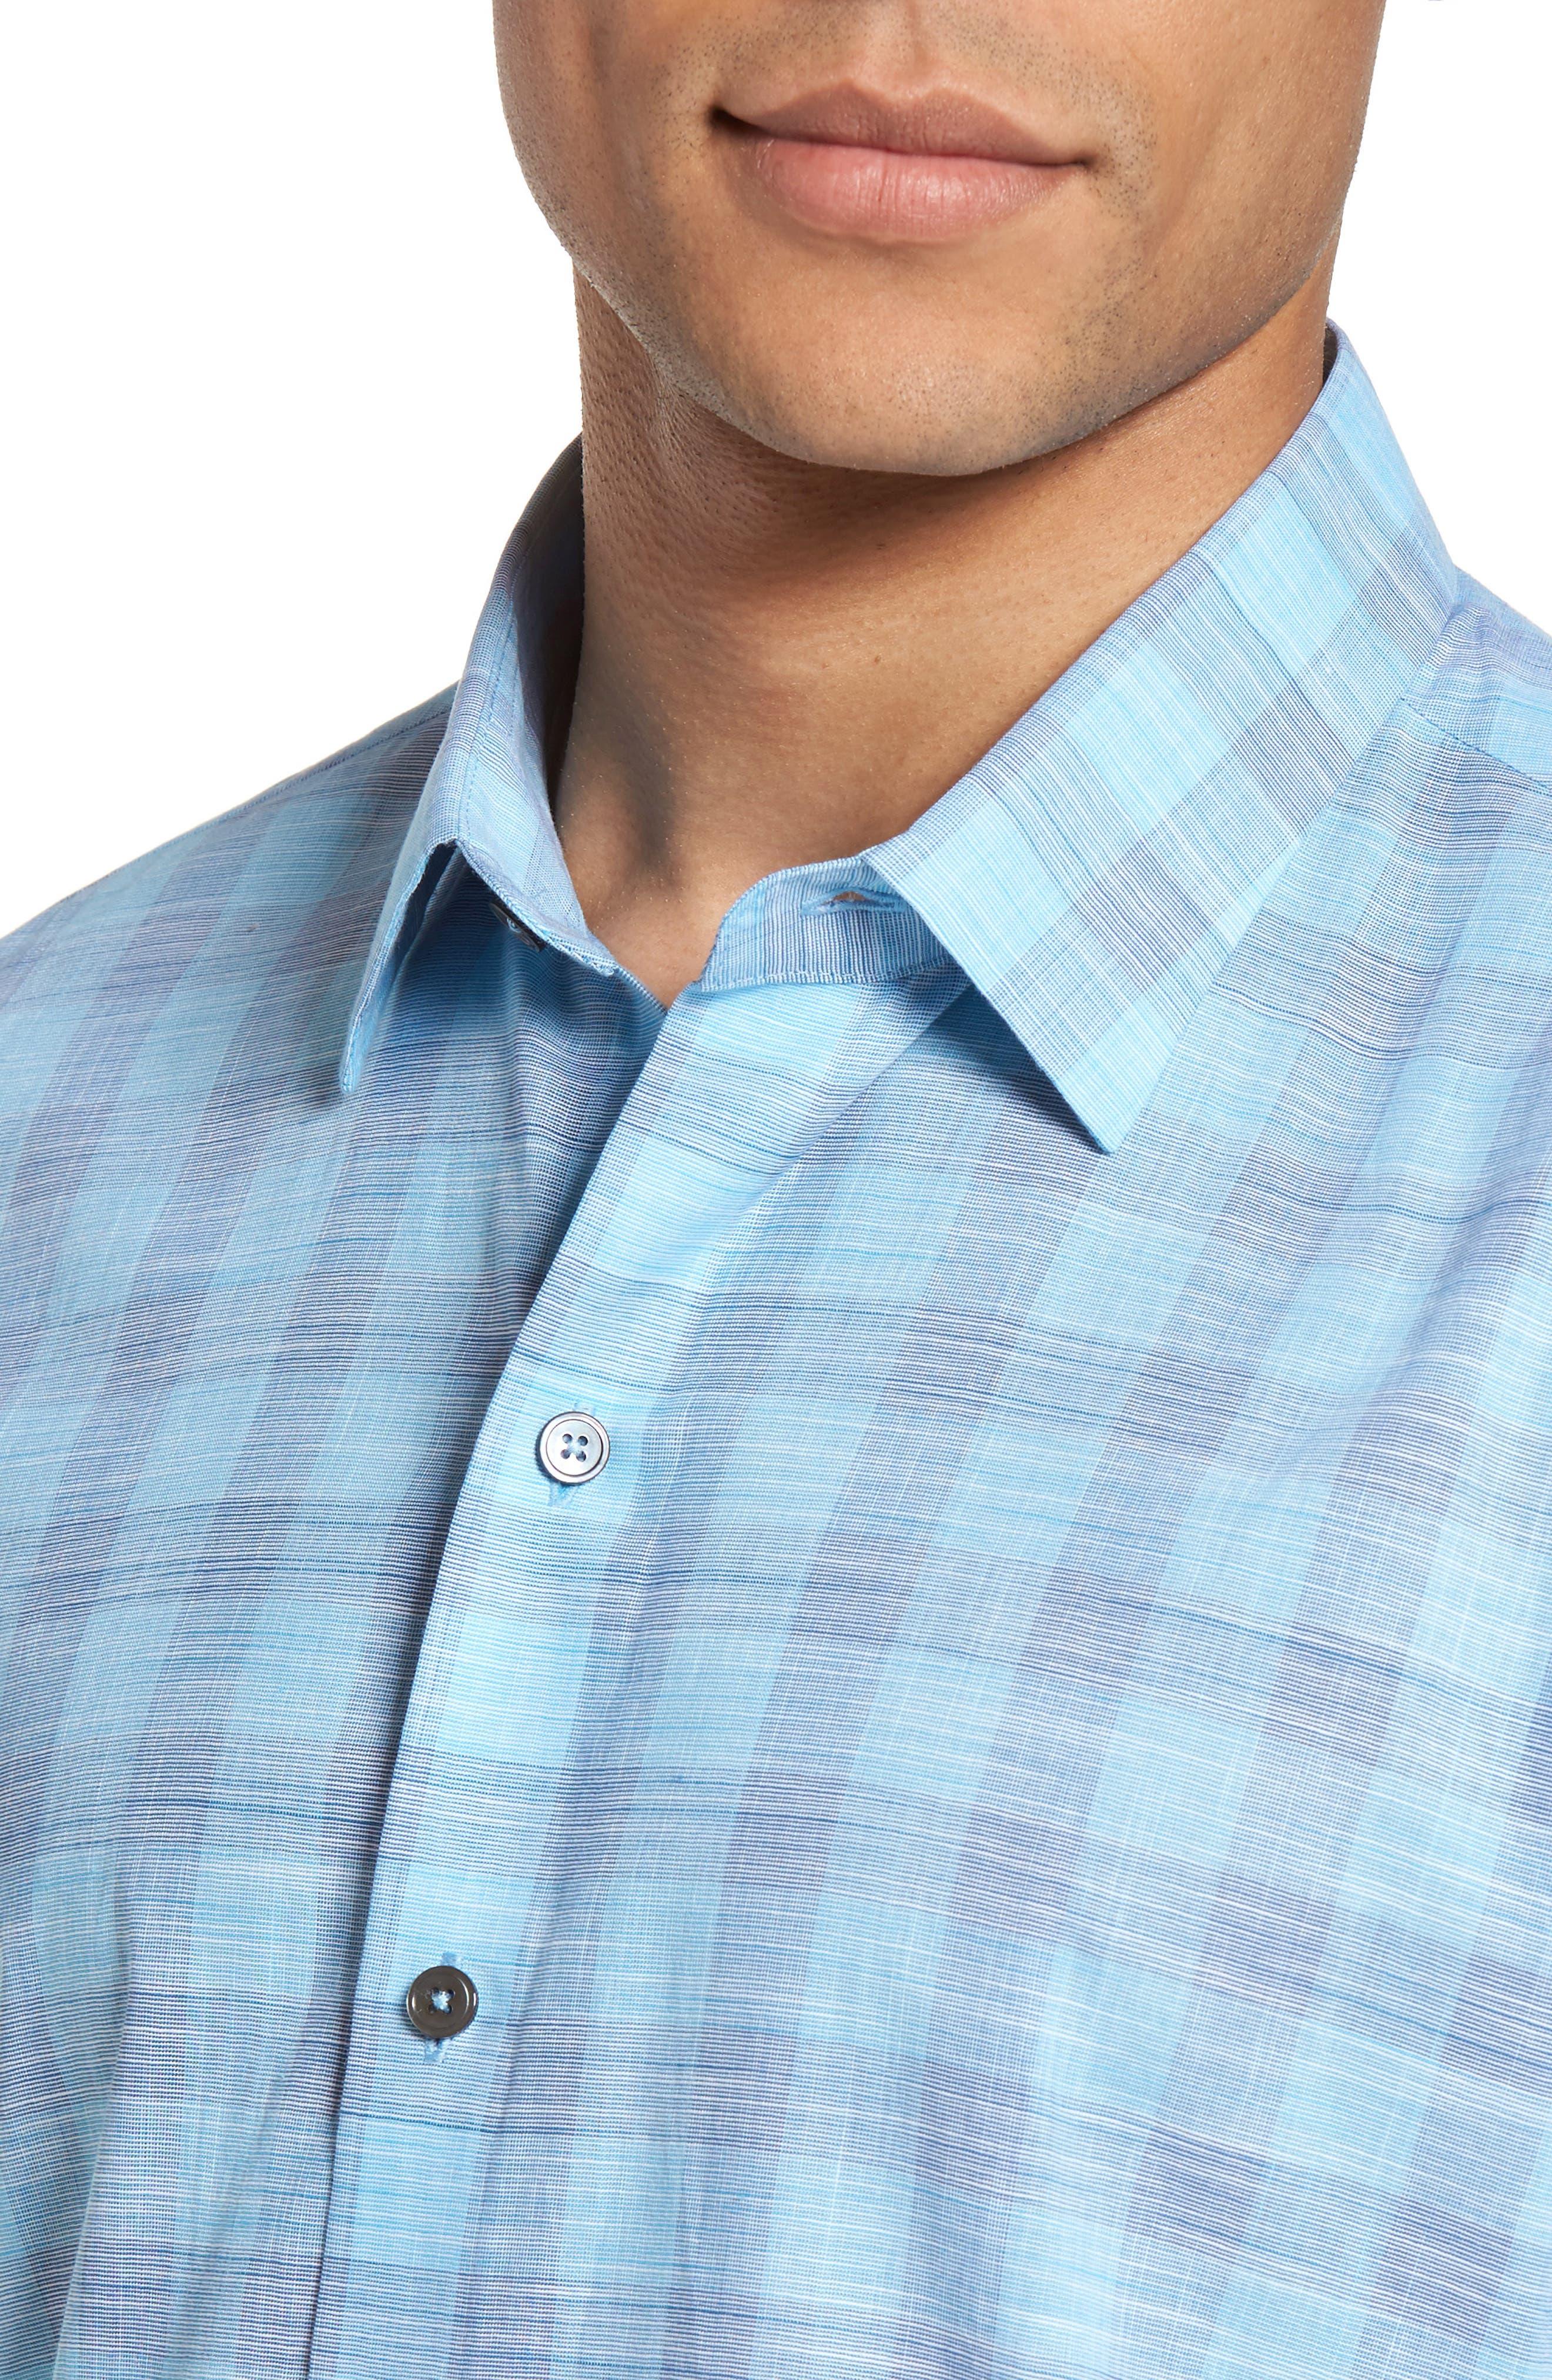 Colin Trim FIt Plaid Sport Shirt,                             Alternate thumbnail 4, color,                             439